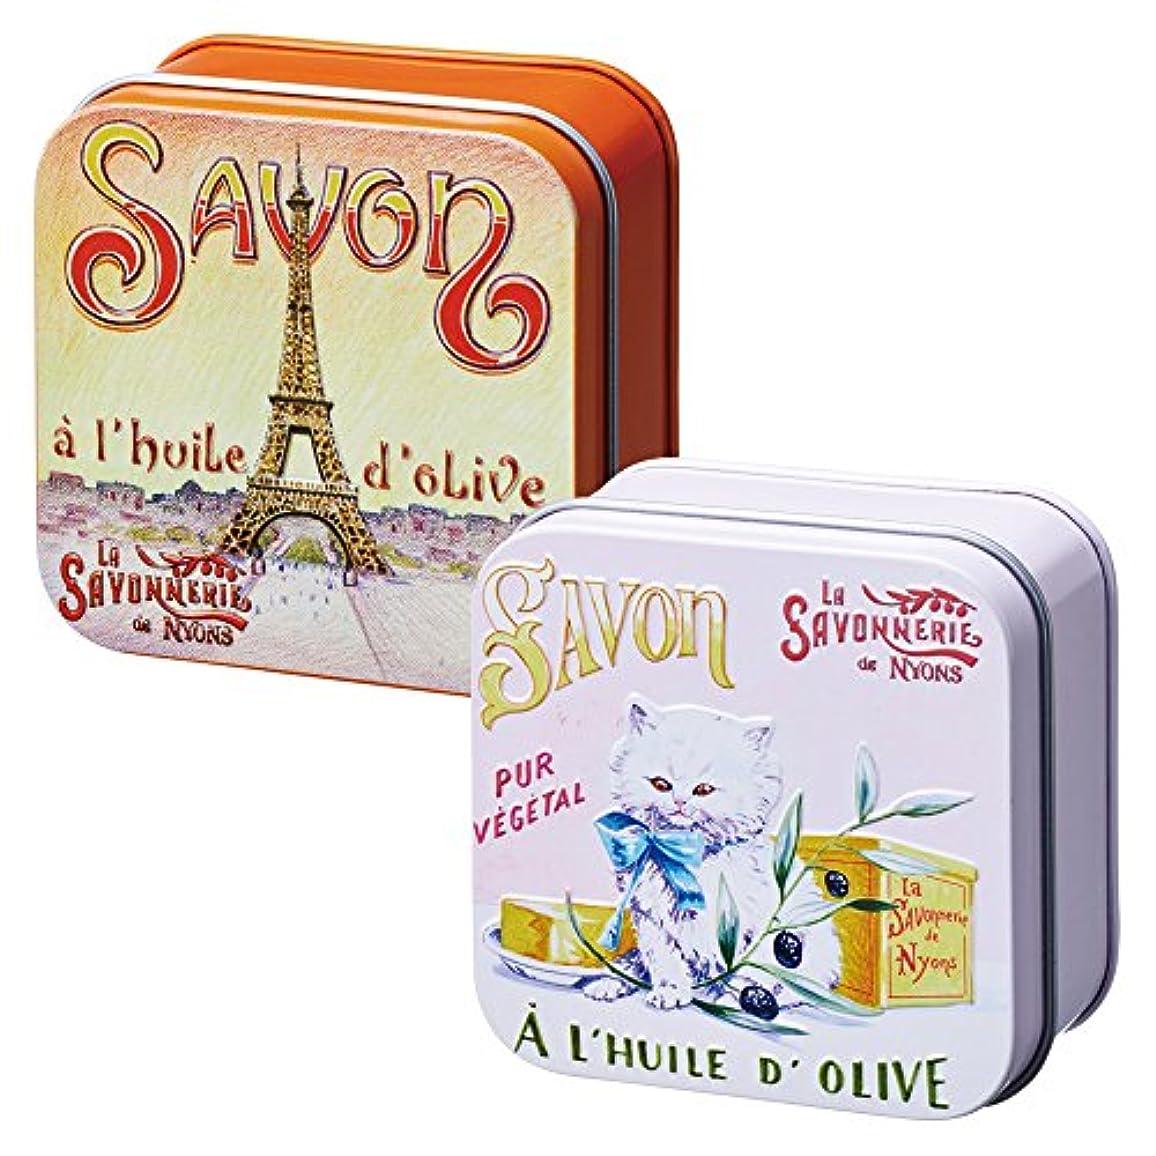 ハグ売るオーブンフランスお土産 ラ?サボネリー アンティーク缶入り石けん 2種セット(子猫&エッフェル塔)